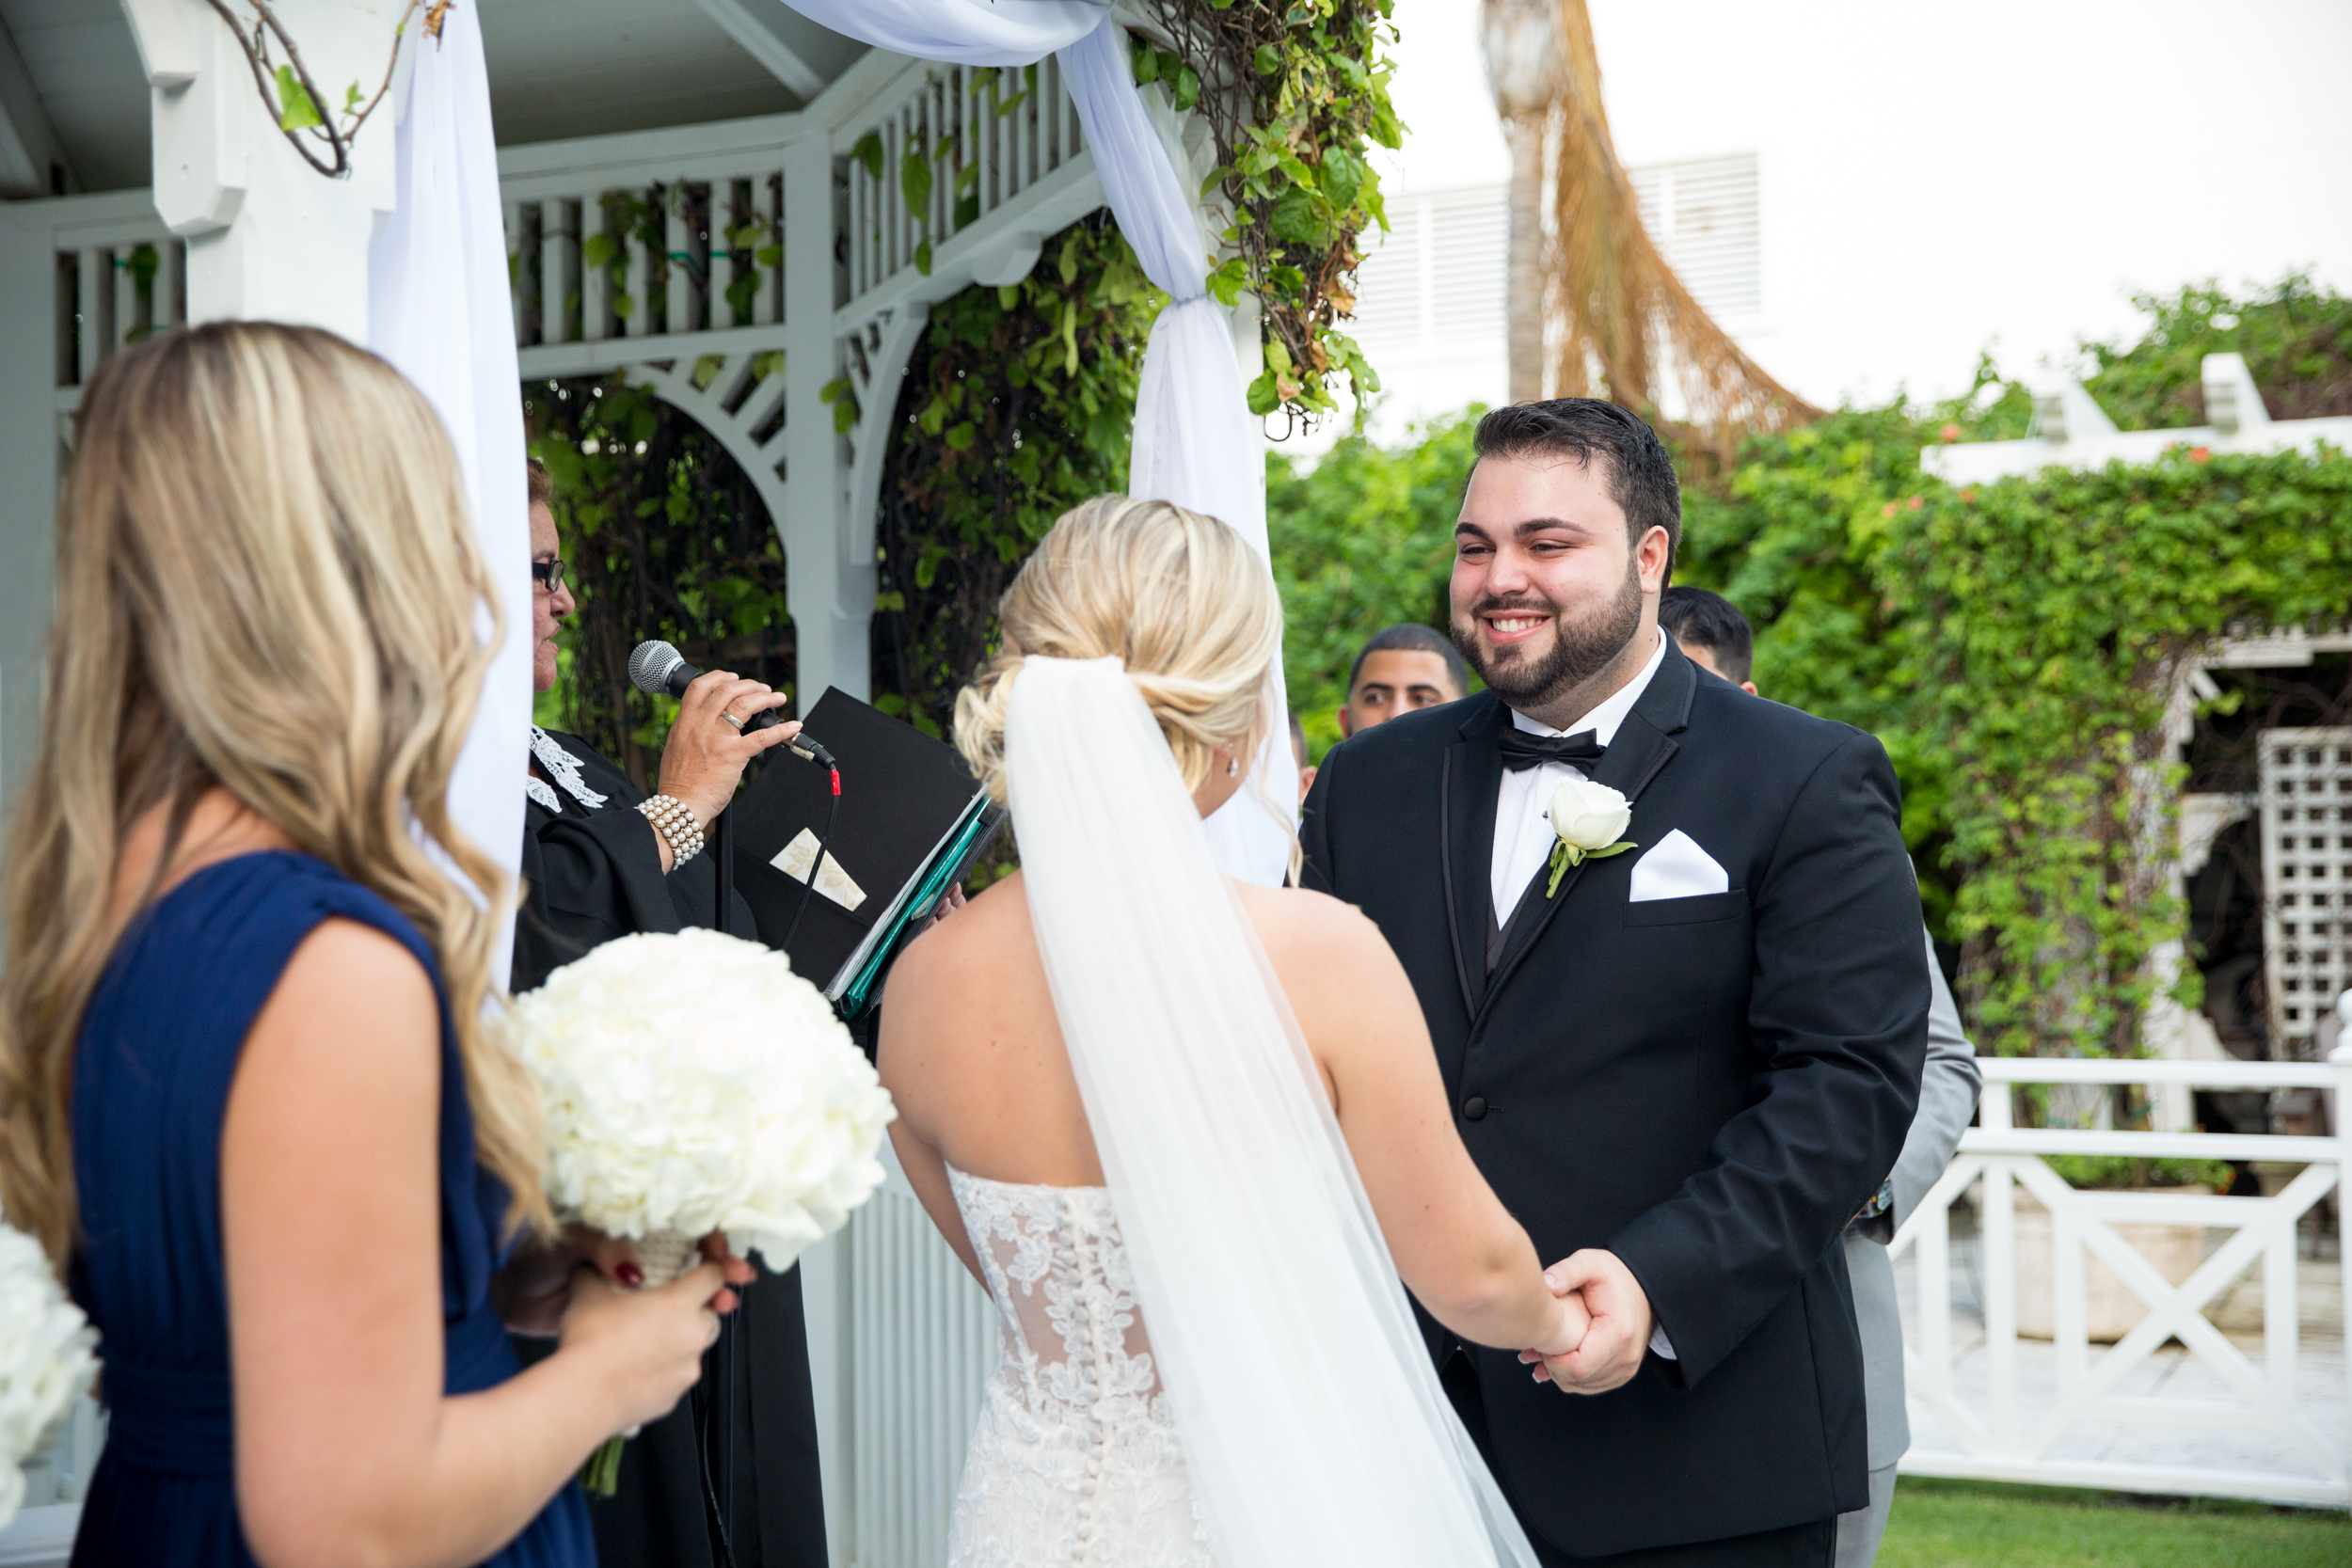 10-14-17_AshleyRichard_Wedding-63.jpg